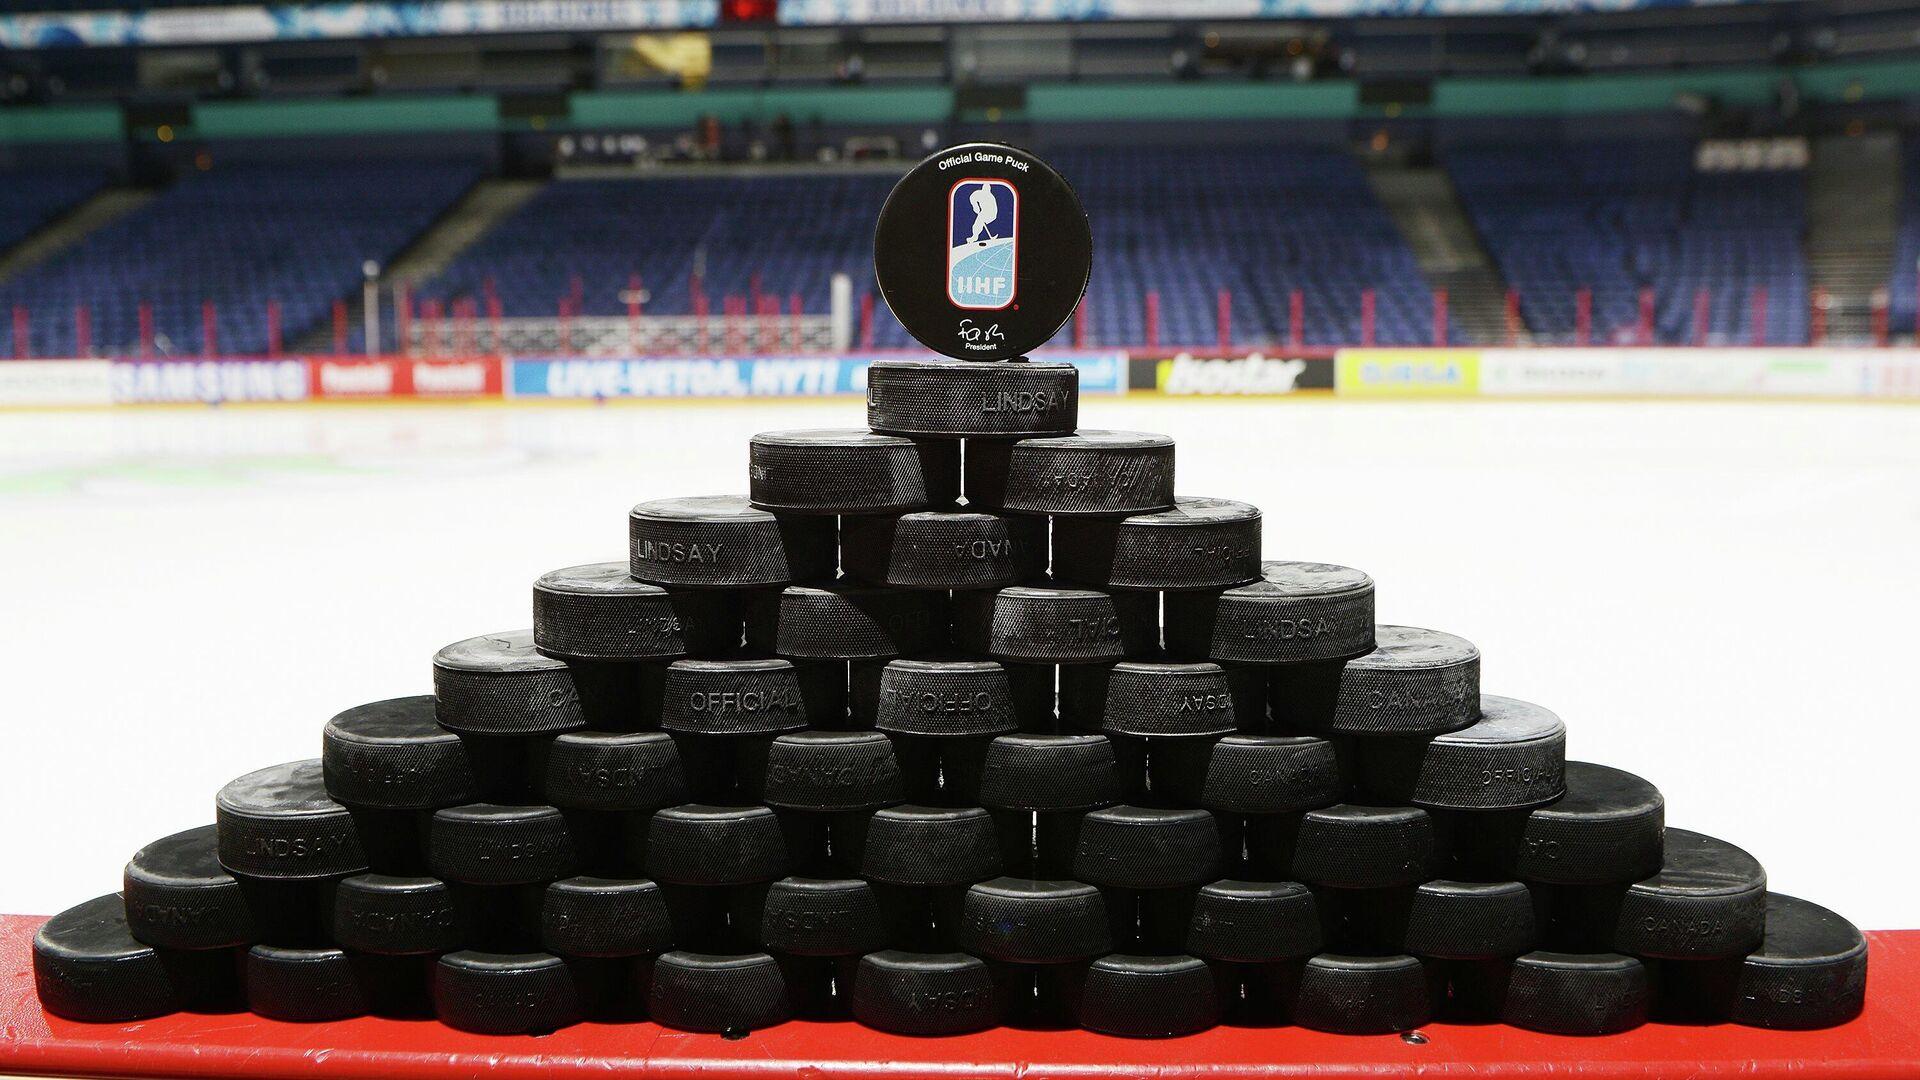 Шайба с логотипом Международной федерации хоккея (IIHF) - РИА Новости, 1920, 22.01.2021